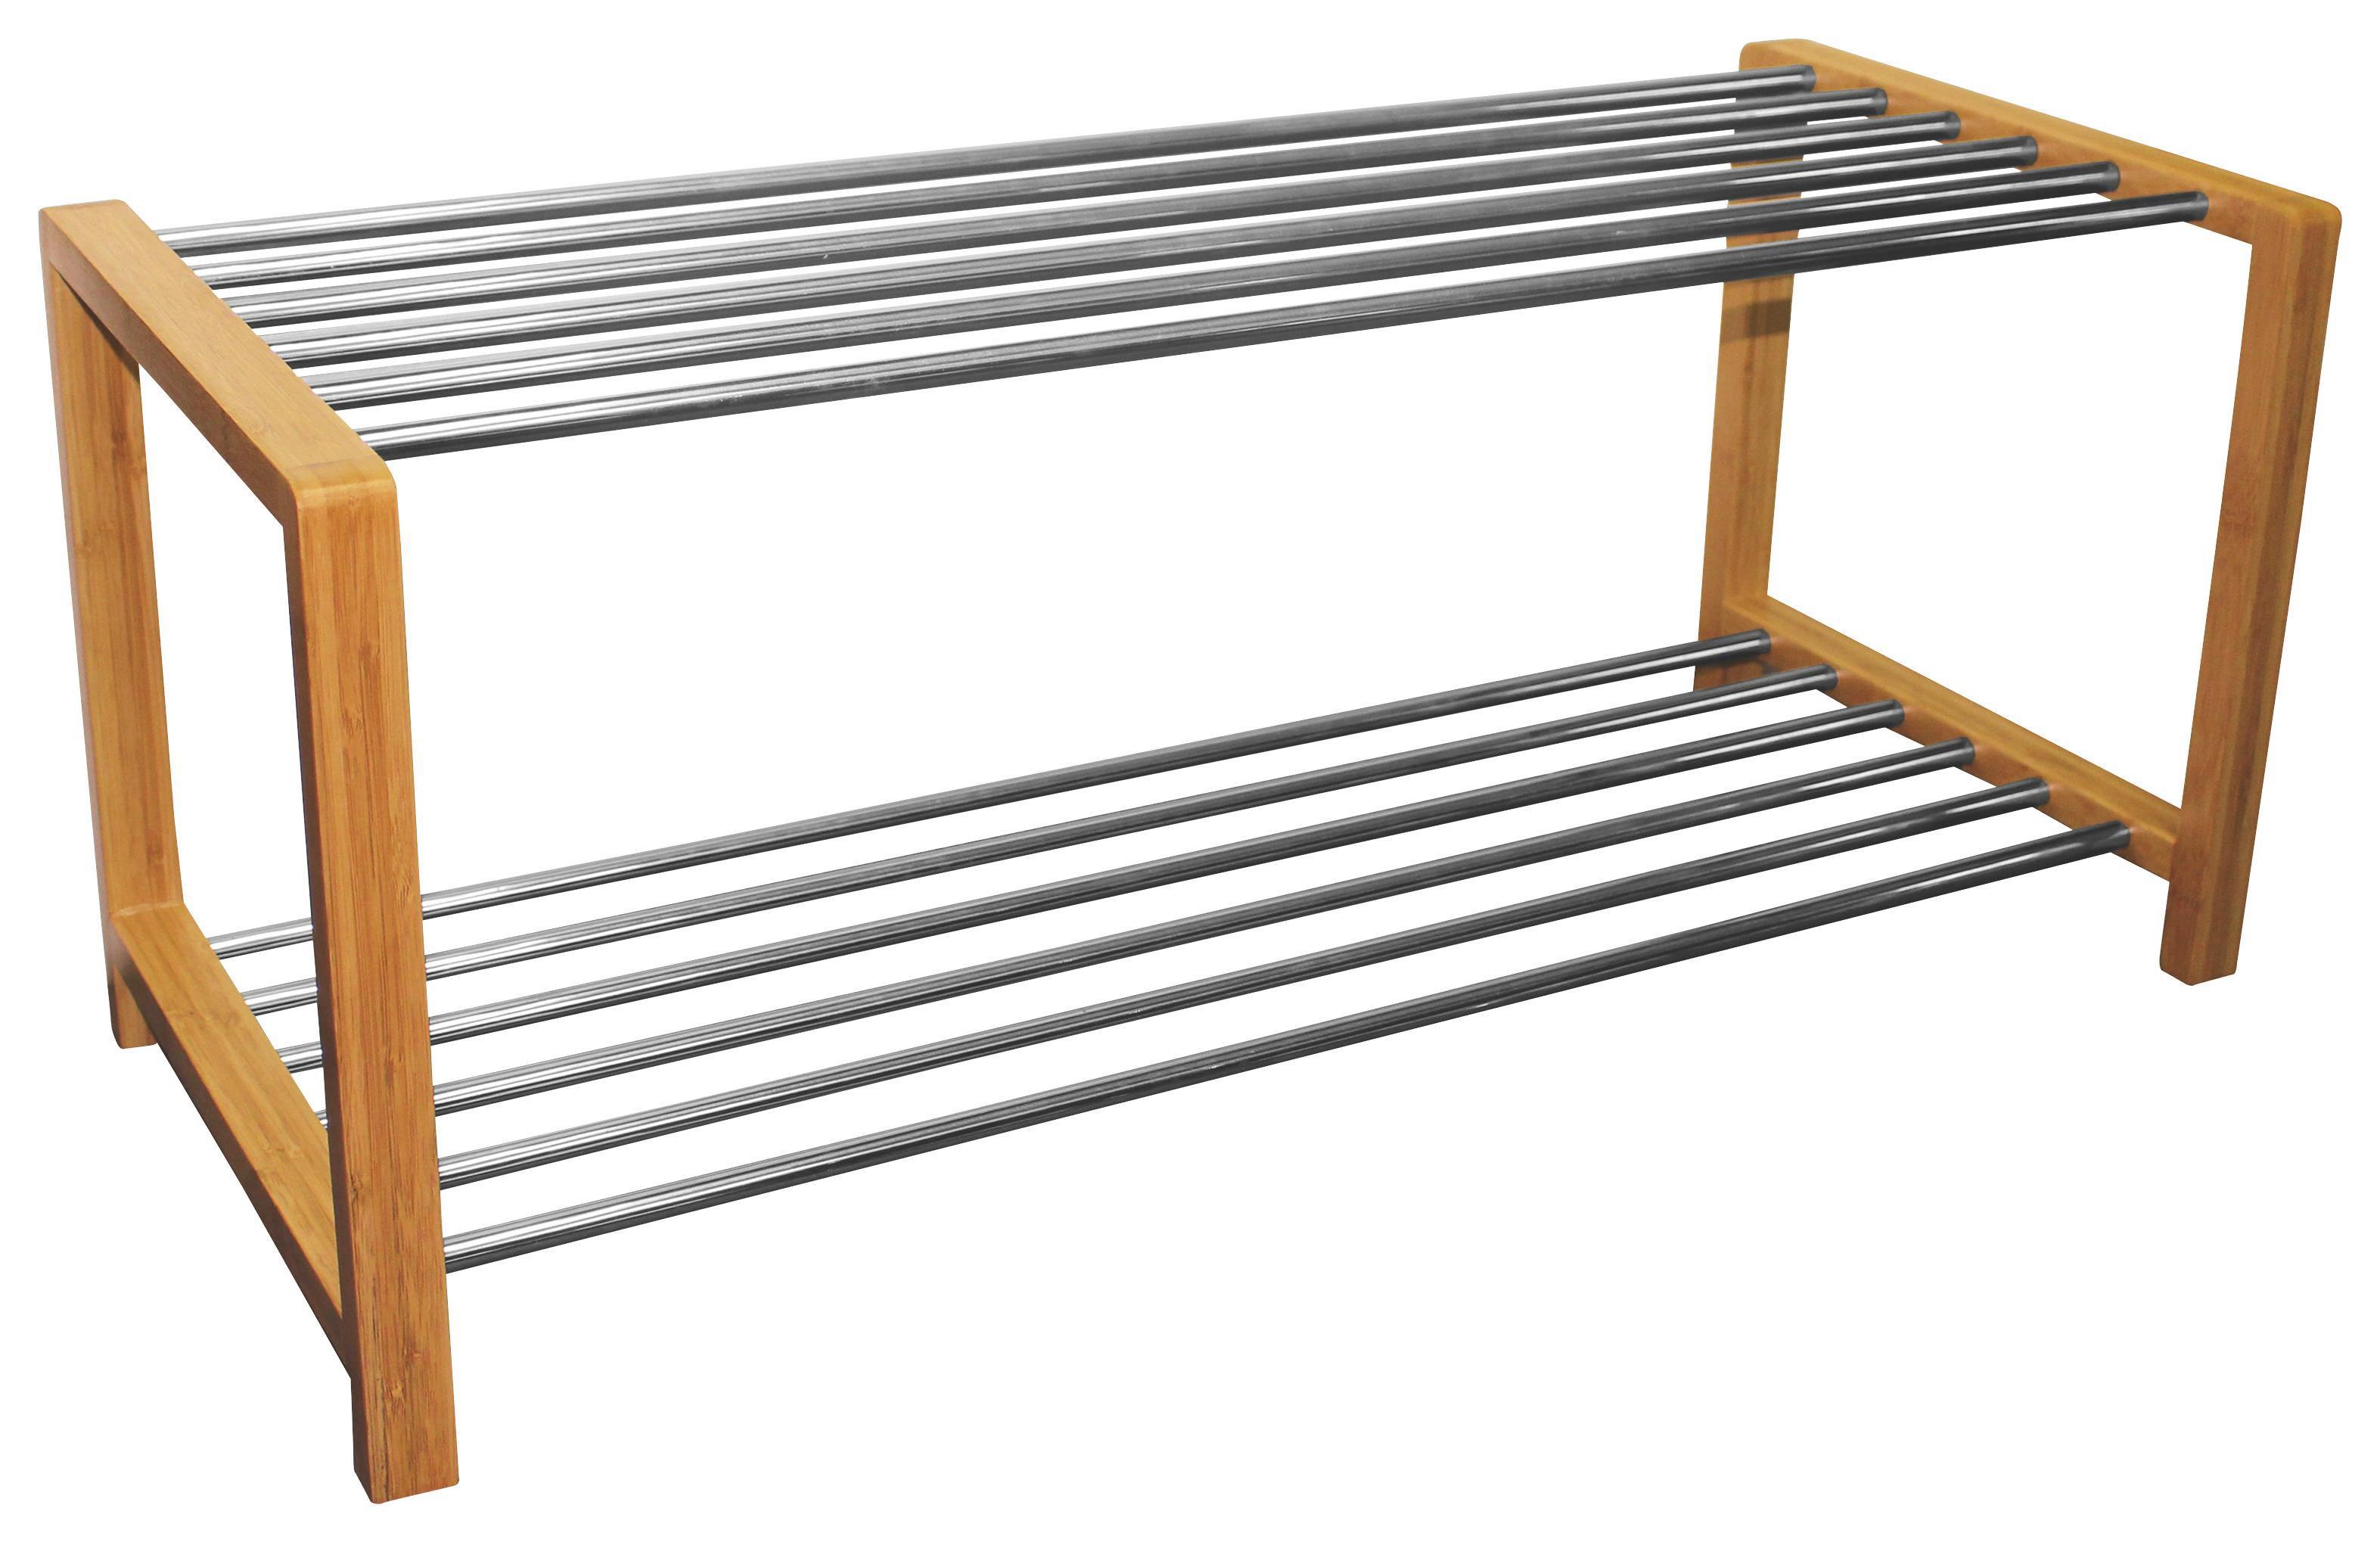 schuhregal holz good schuhregal holz natur er with. Black Bedroom Furniture Sets. Home Design Ideas